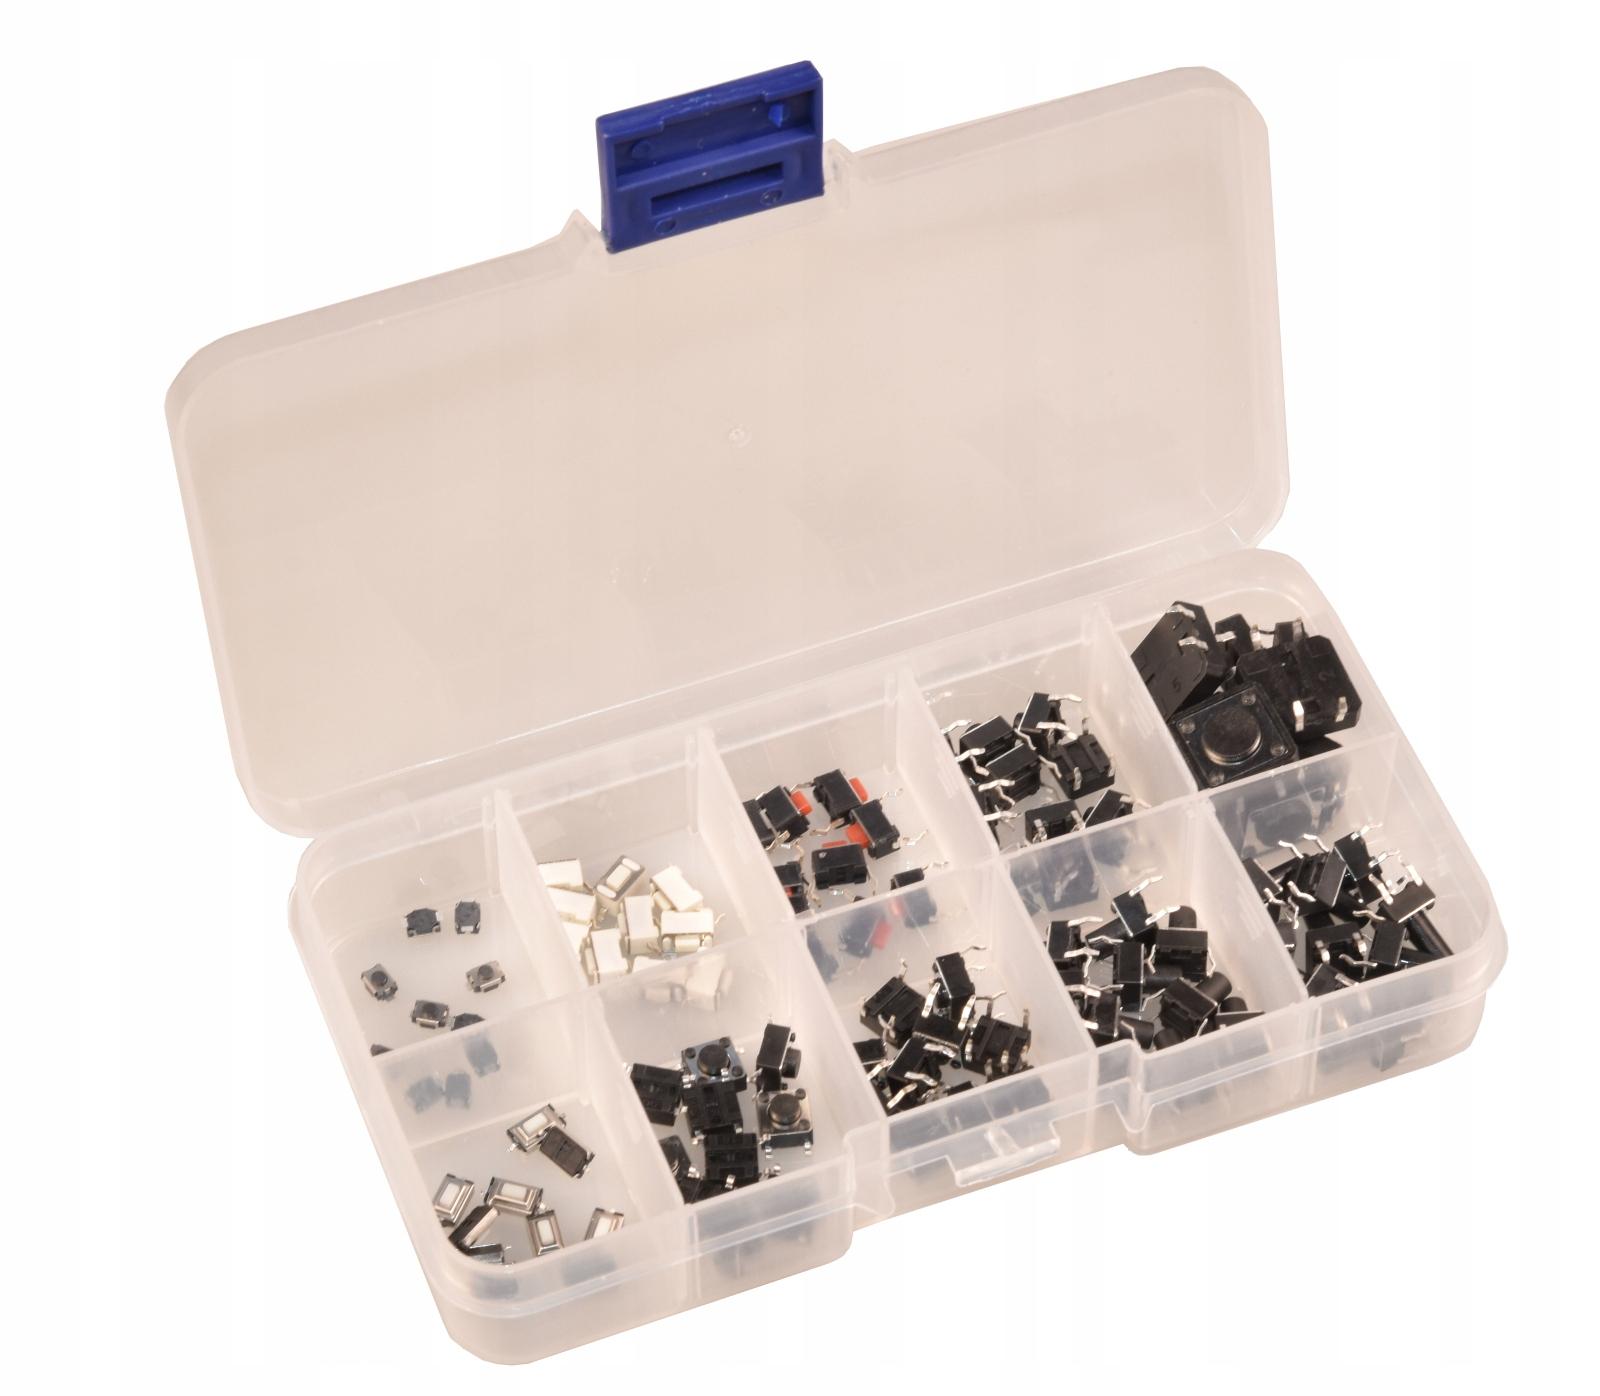 Zestaw przycisków przełączników TACT switch 100szt